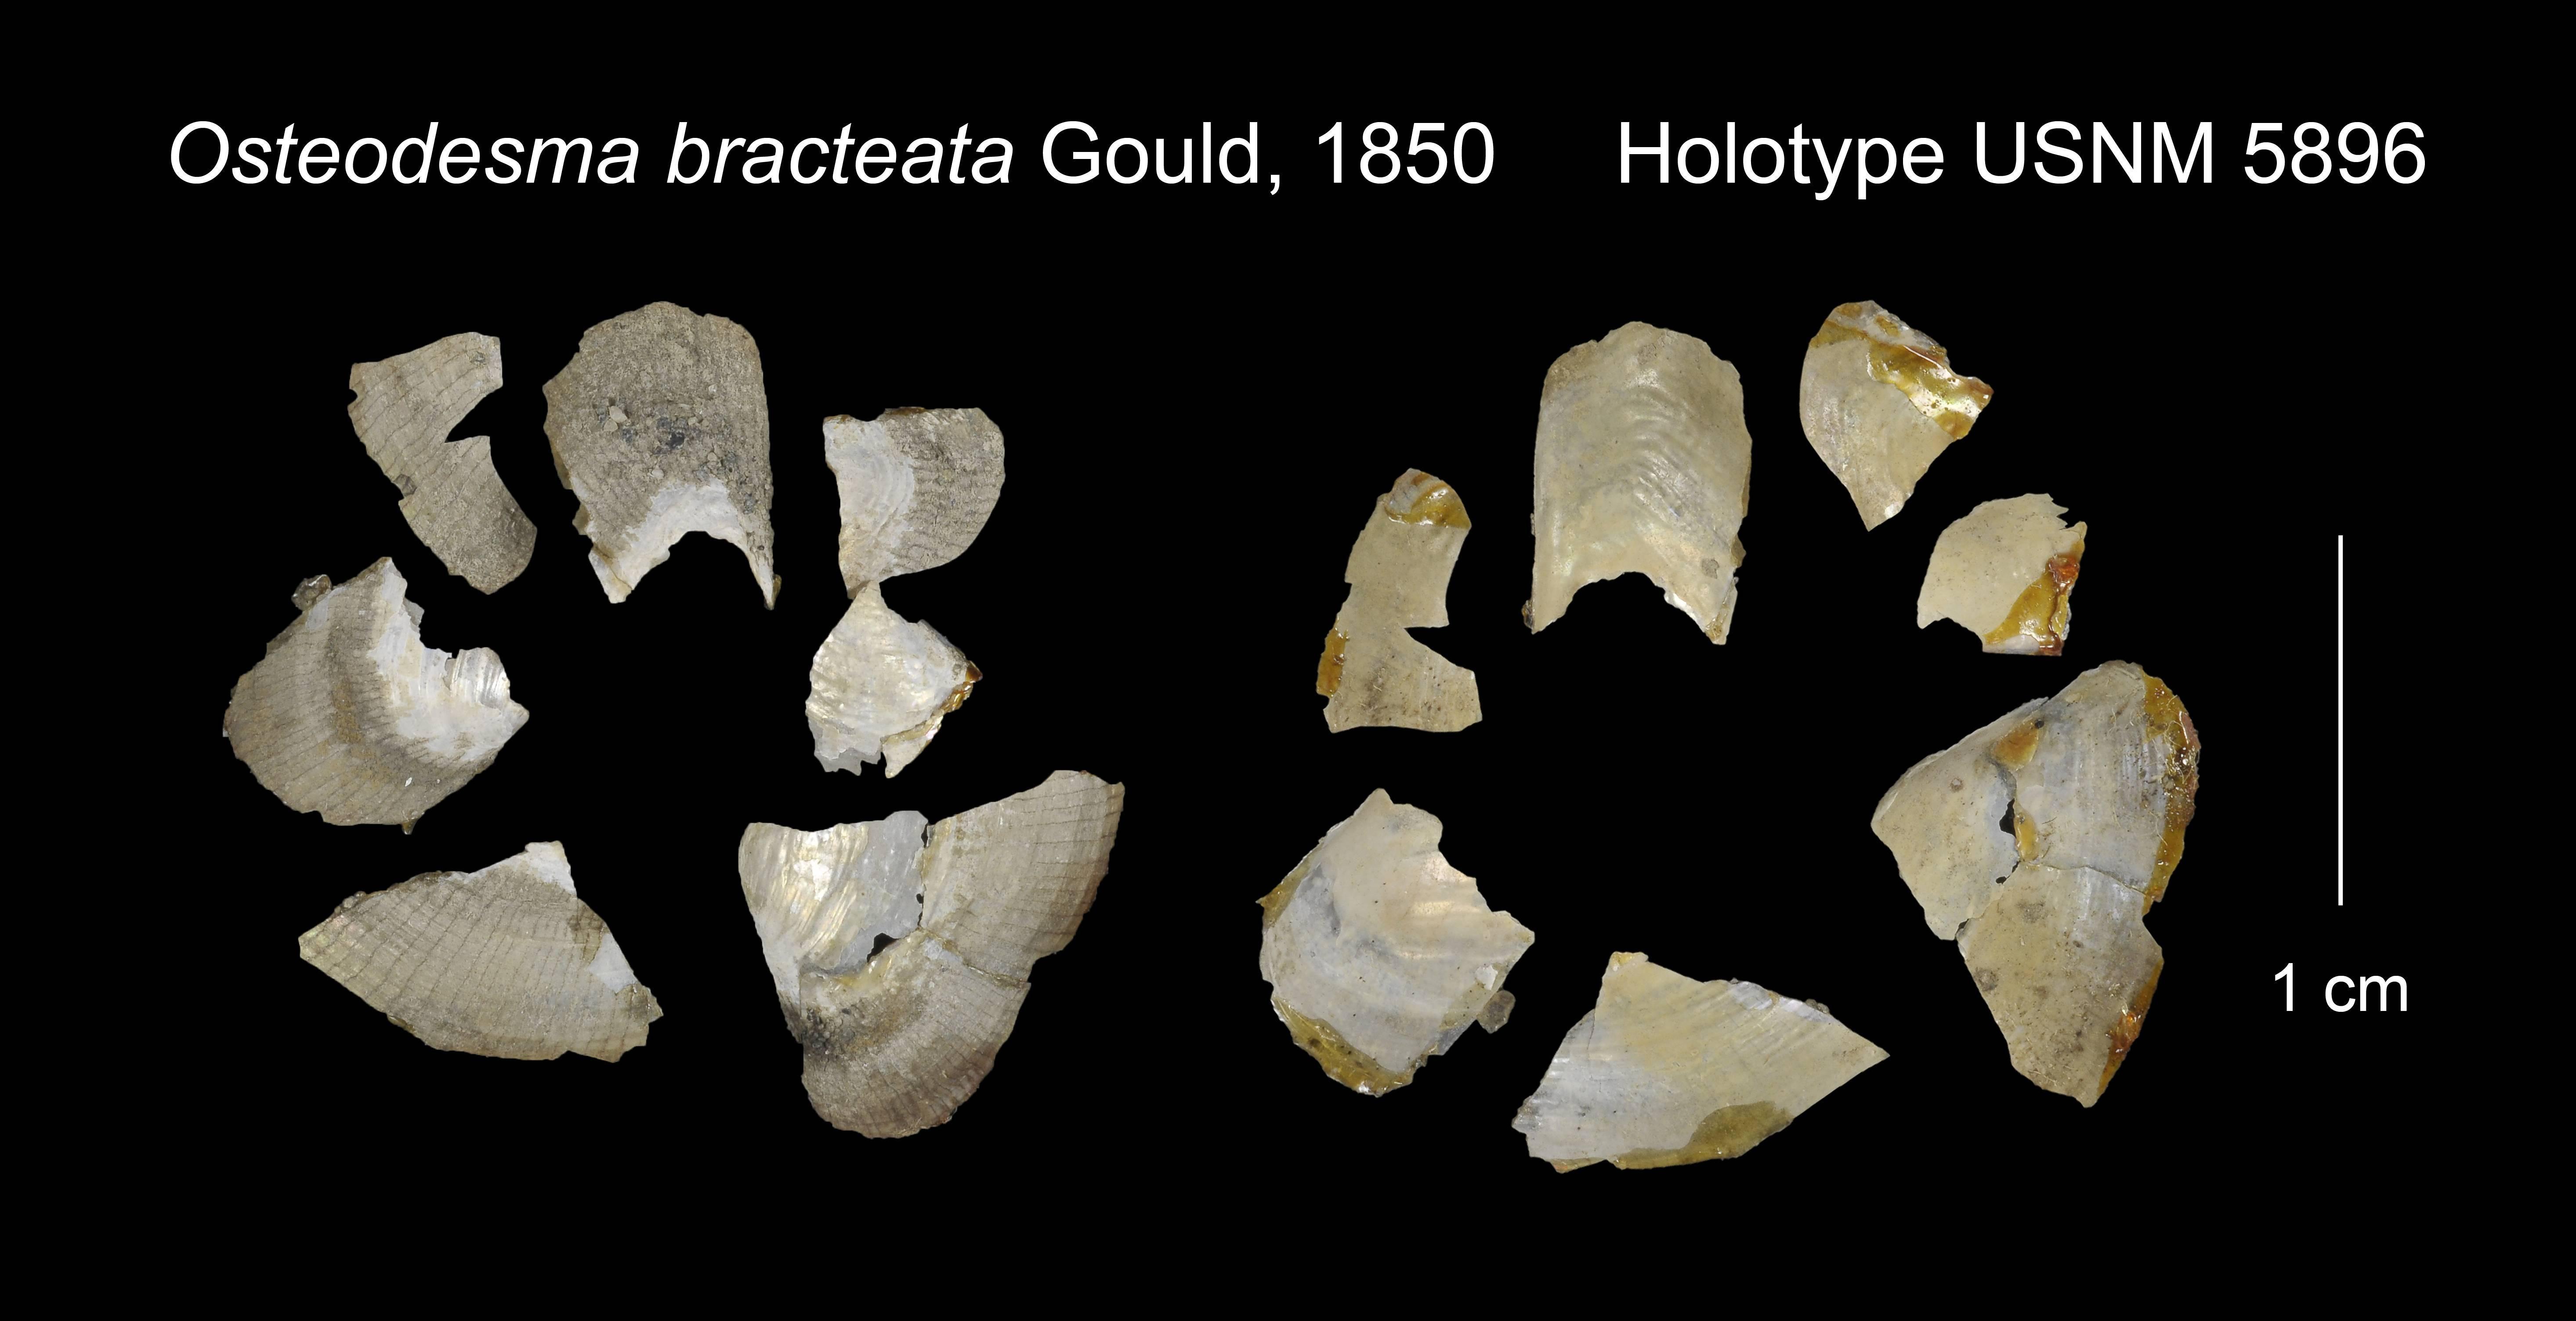 Image of scaly lyonsia